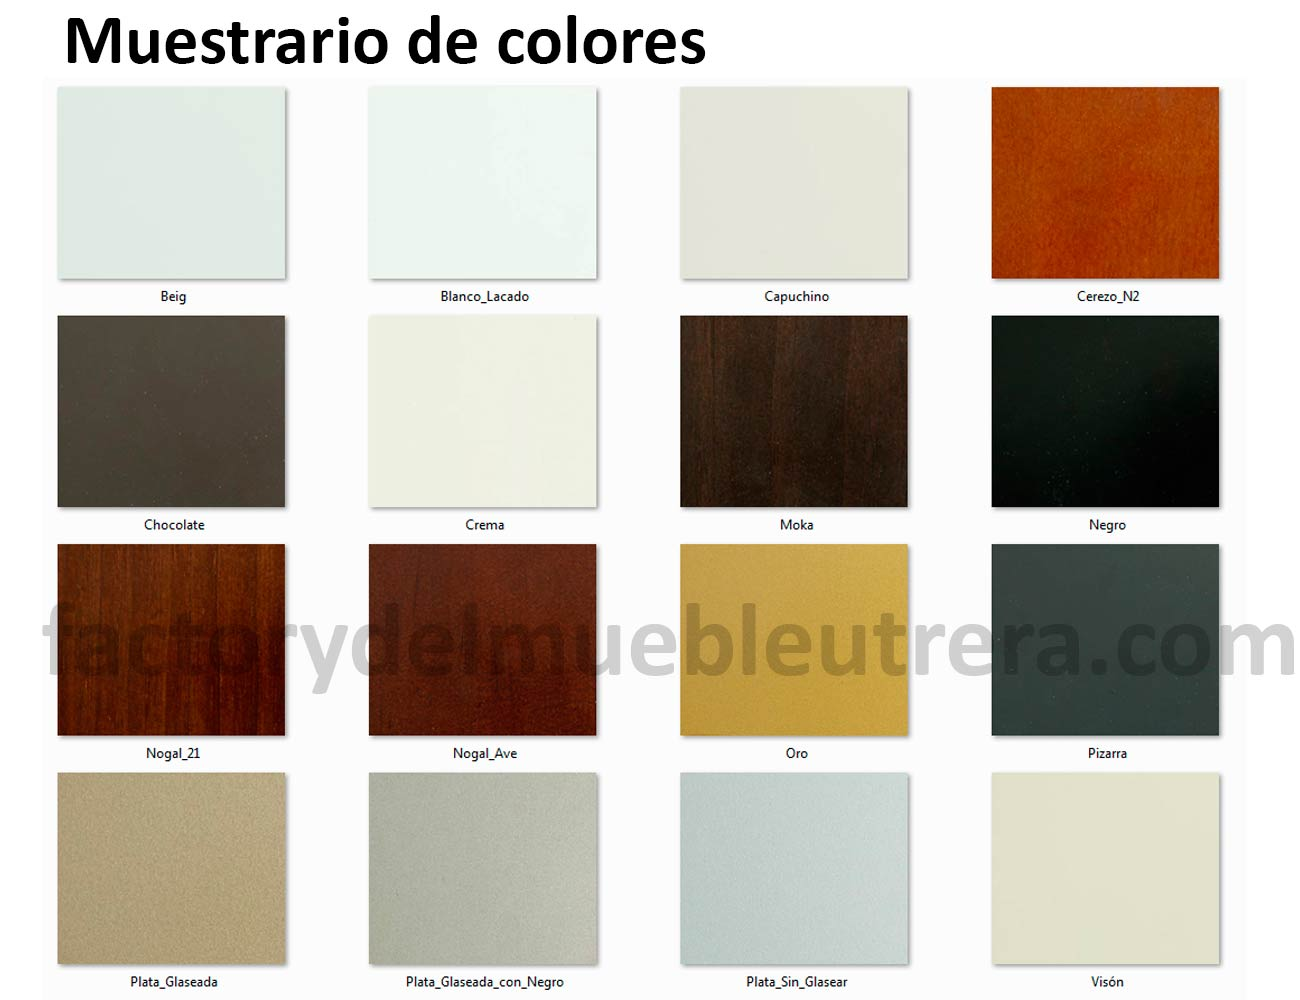 Colores web nueva20